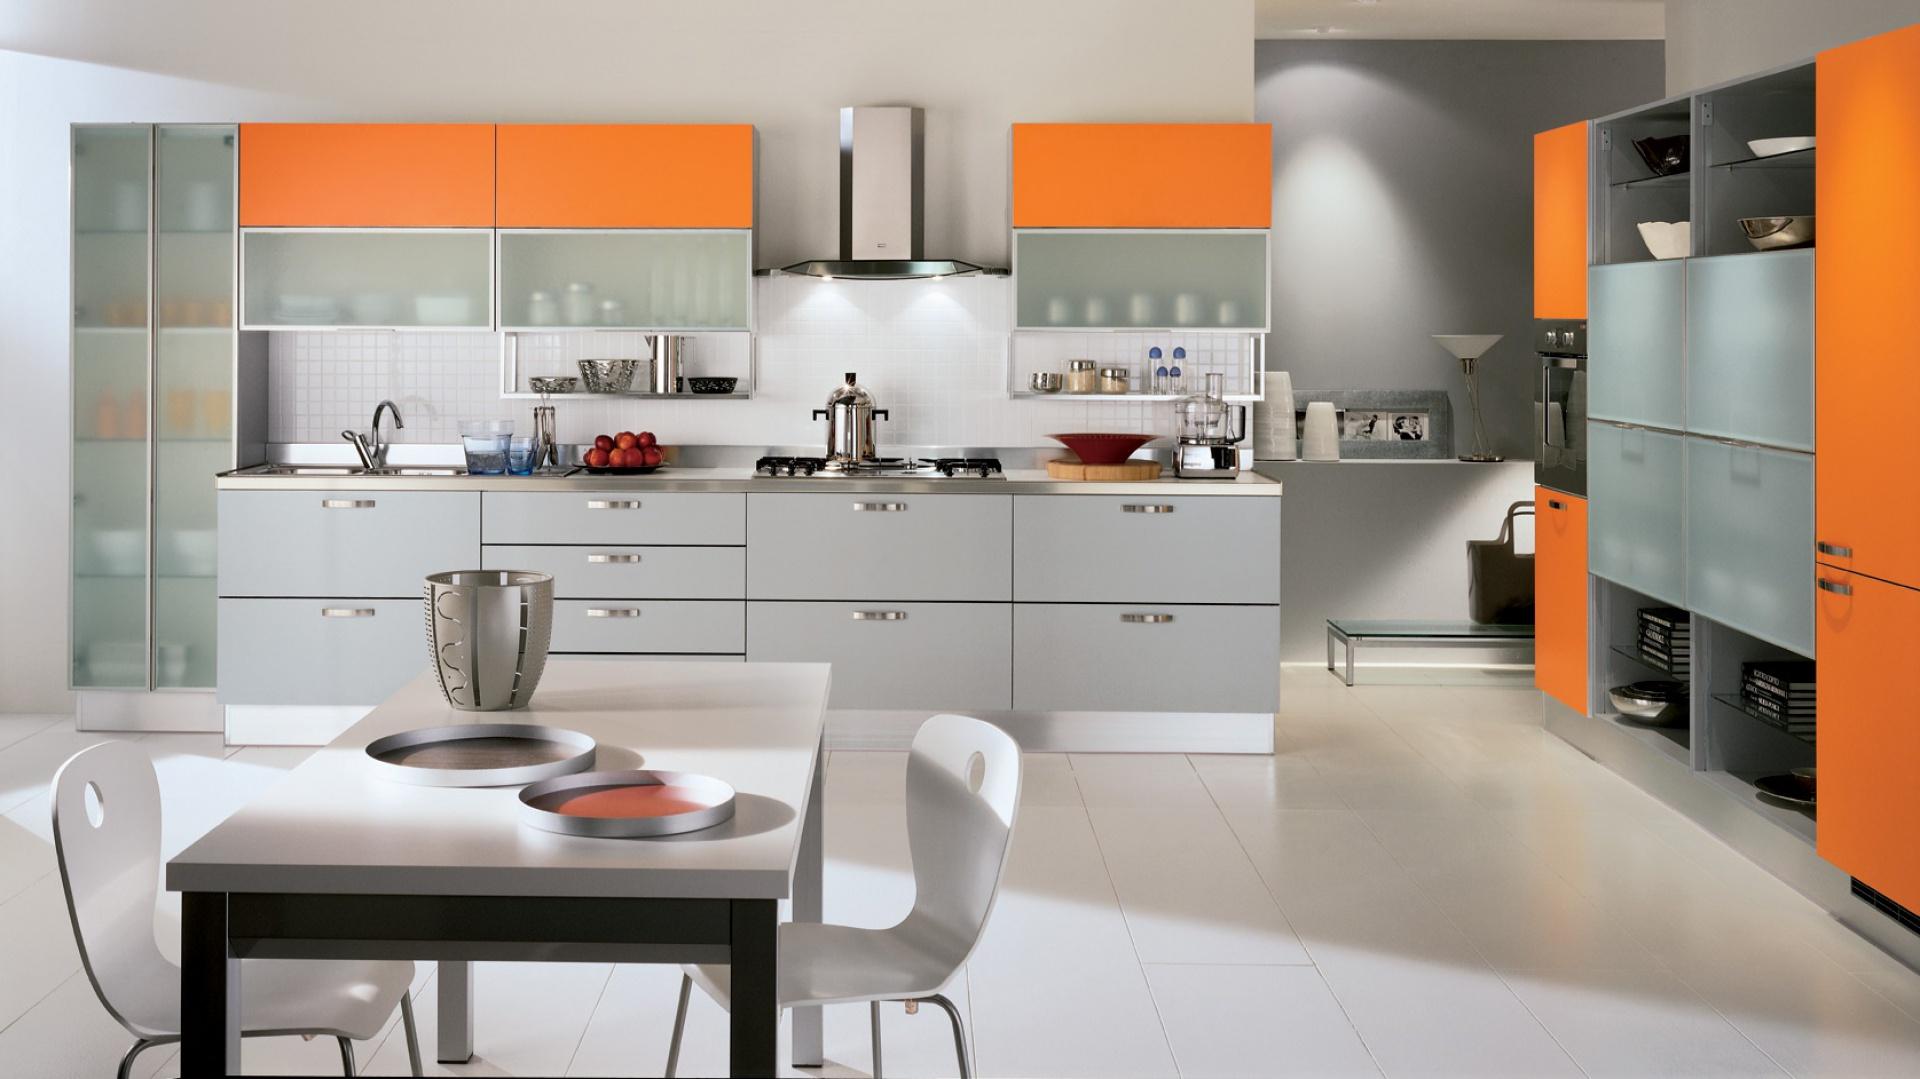 791ec4640ee6e1 Meble do kuchni z kolekcji Dream firmy Scavolini. Połączenie koloru szarego  i pomarańczowego dało świetny